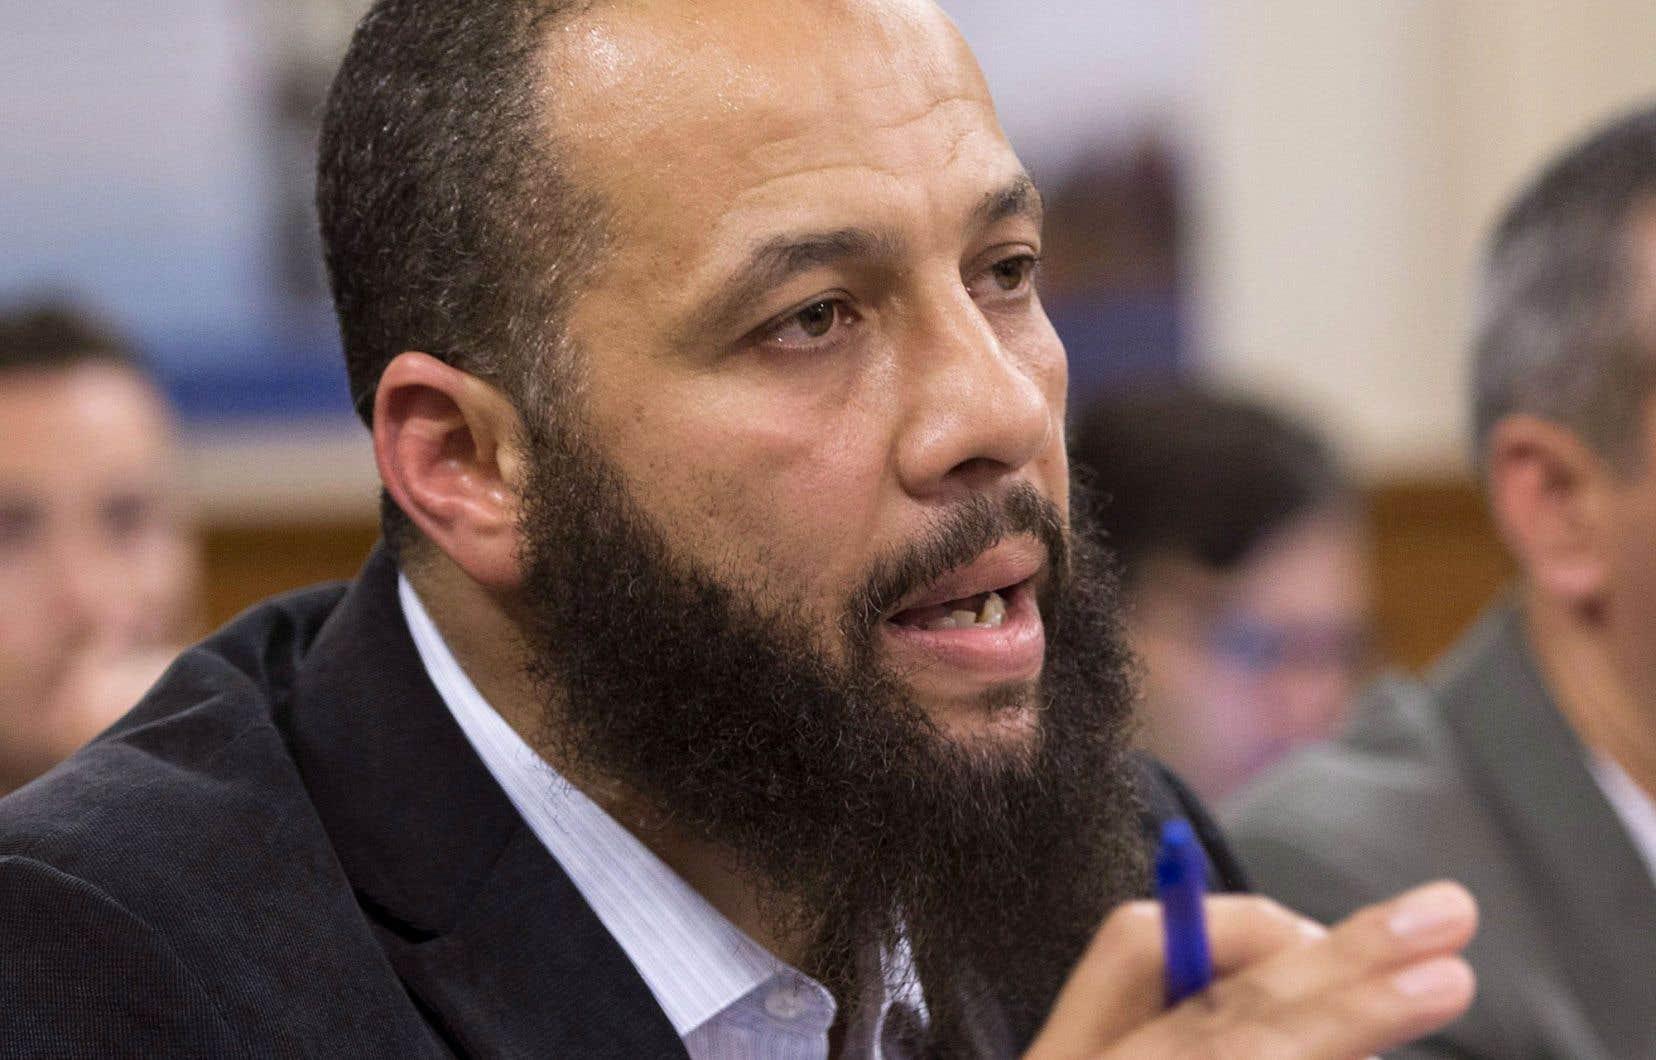 Adil Charkaoui s'est dit muselé par les élus de l'Assemblée nationale lors de son témoignage à la commission des Institutions concernant le projet de loi 59 sur la prévention et la lutte contre les discours haineux et les discours incitant à la violence, mardi.